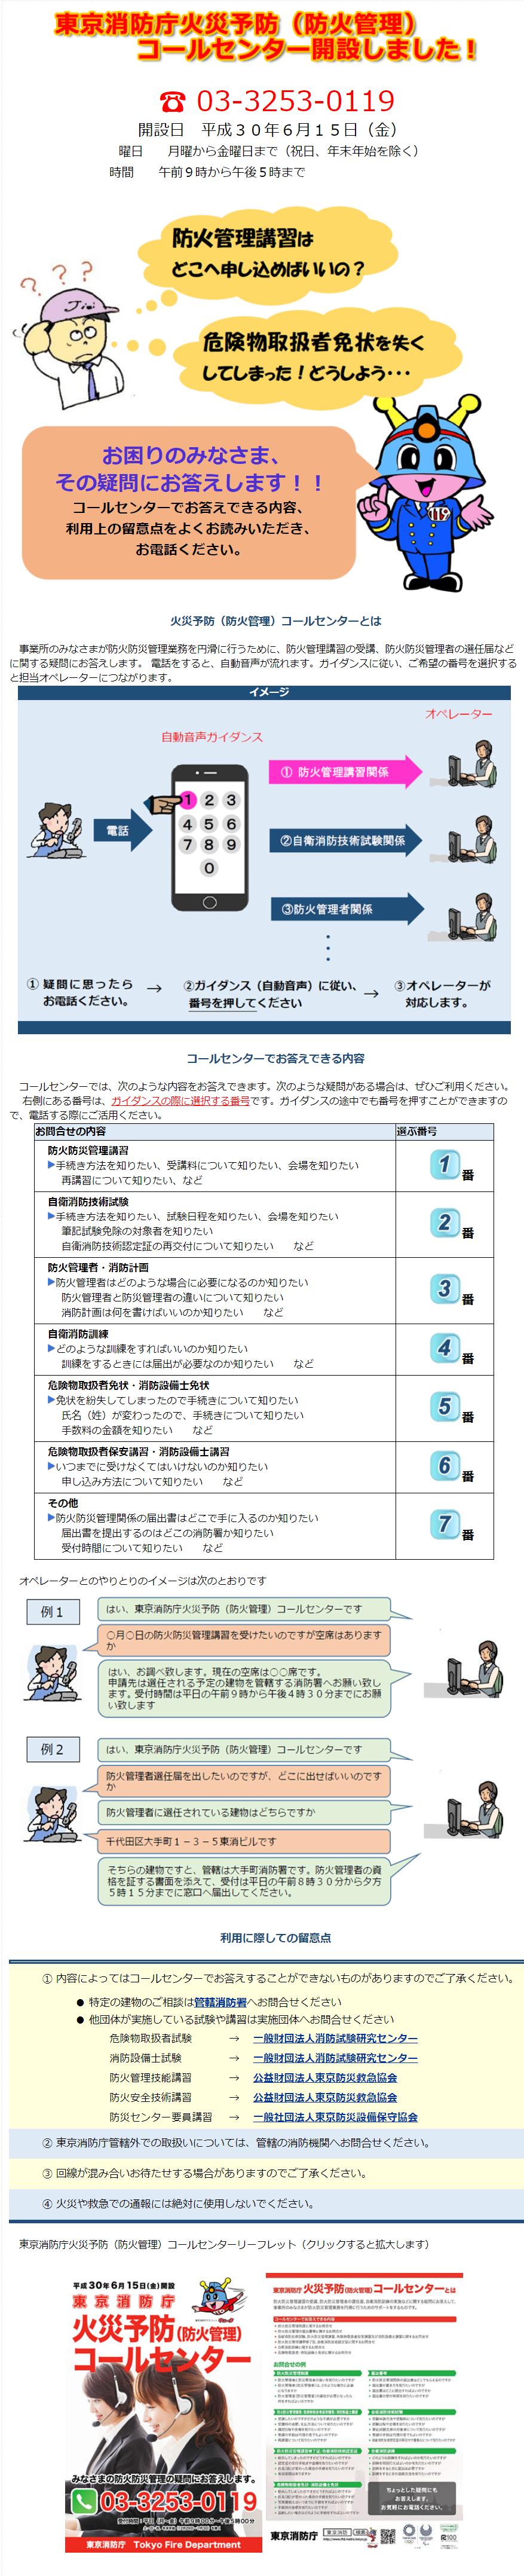 者 管理 防火 東京 防災